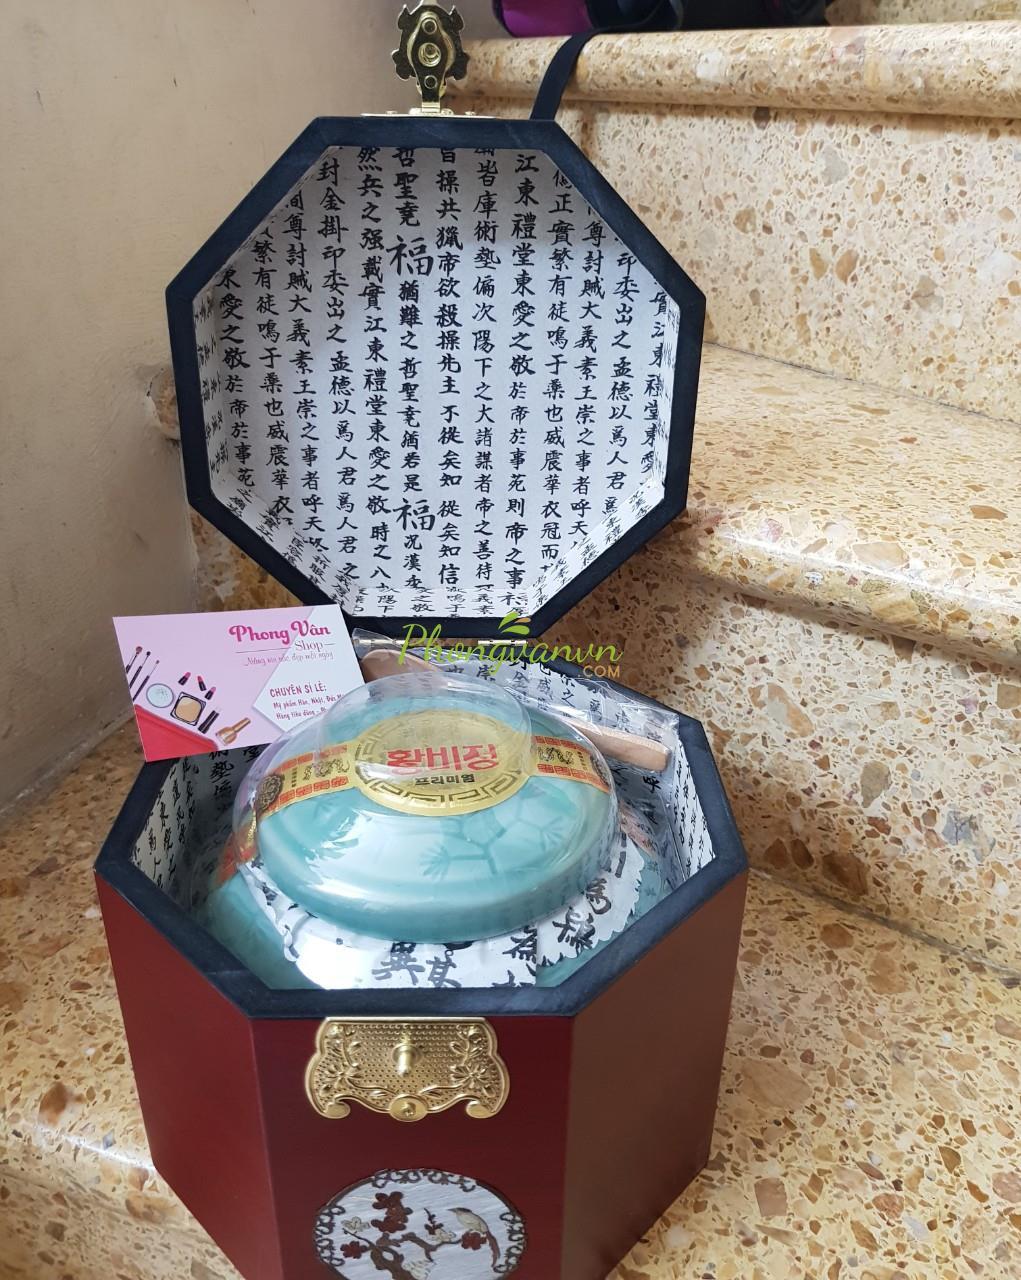 cao-sam-hoang-hau-1kg-hop-go-han-quoc